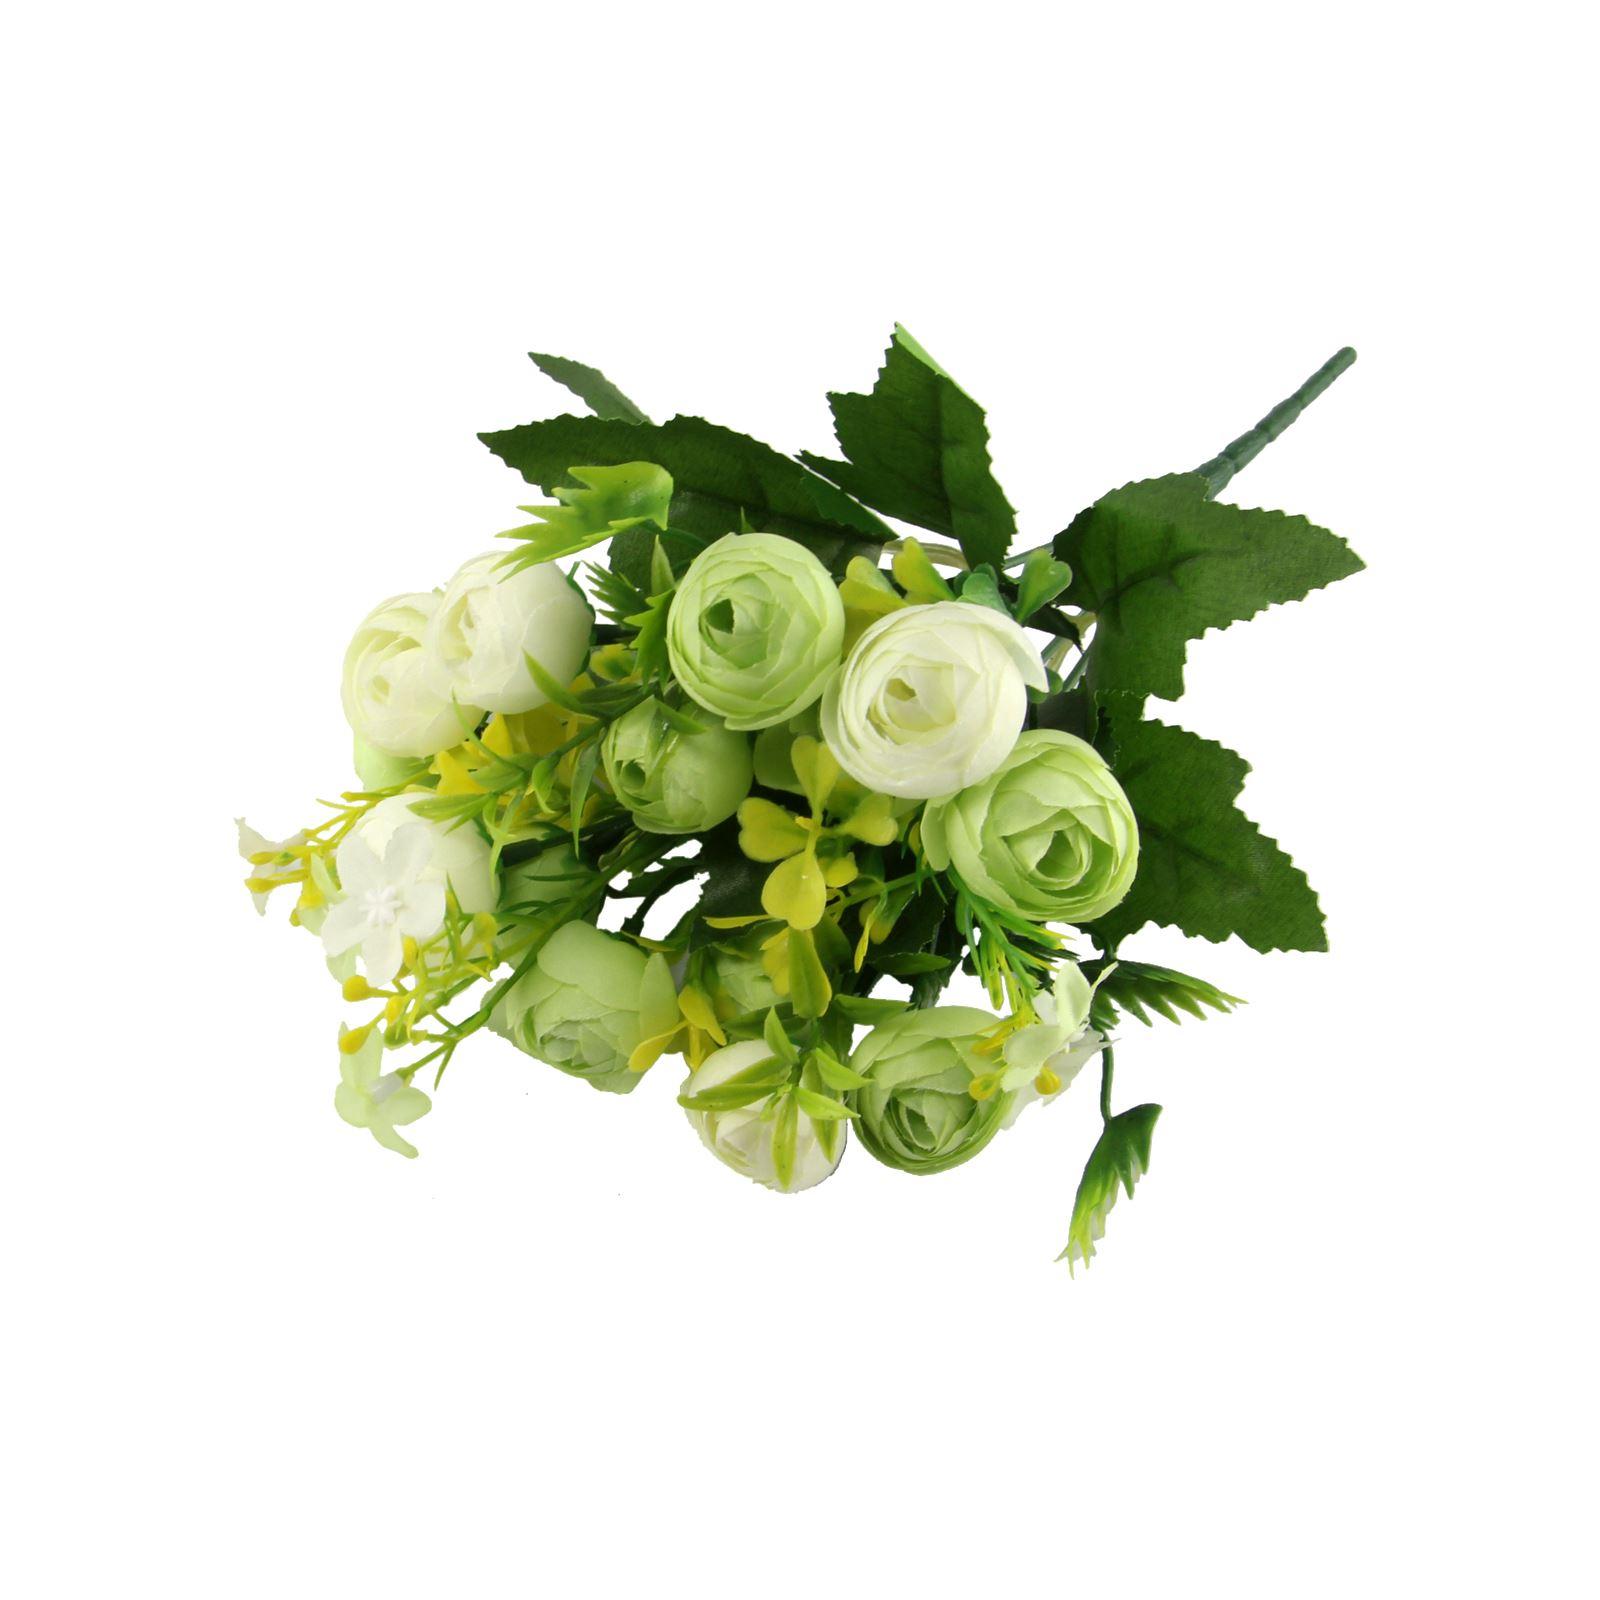 15 Head Small Ranunculus Bouquet Artificial Silk Flowers Bunch